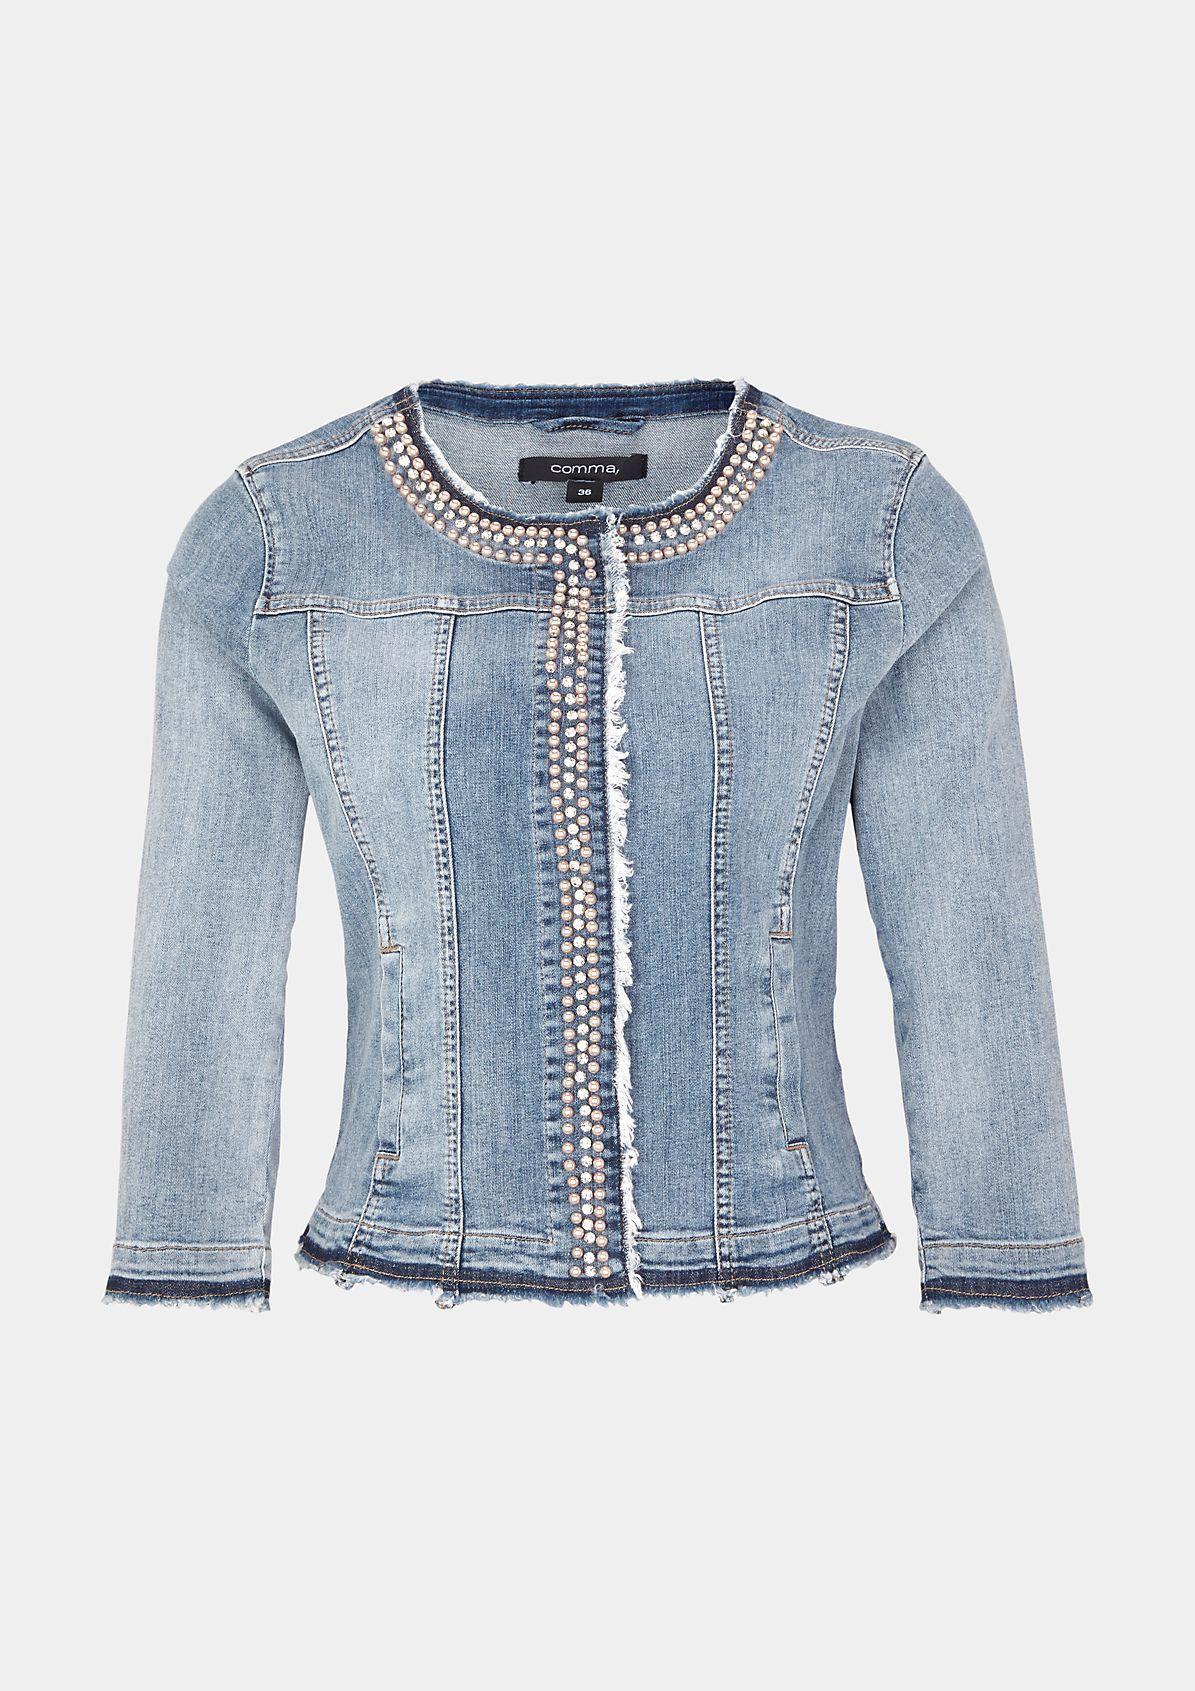 3 4 Arm Jeansjacke Im Used Look Jetzt Im Comma Online Store Entdecken Und Bequem Bestellen Jacken Mode Jeansjacke